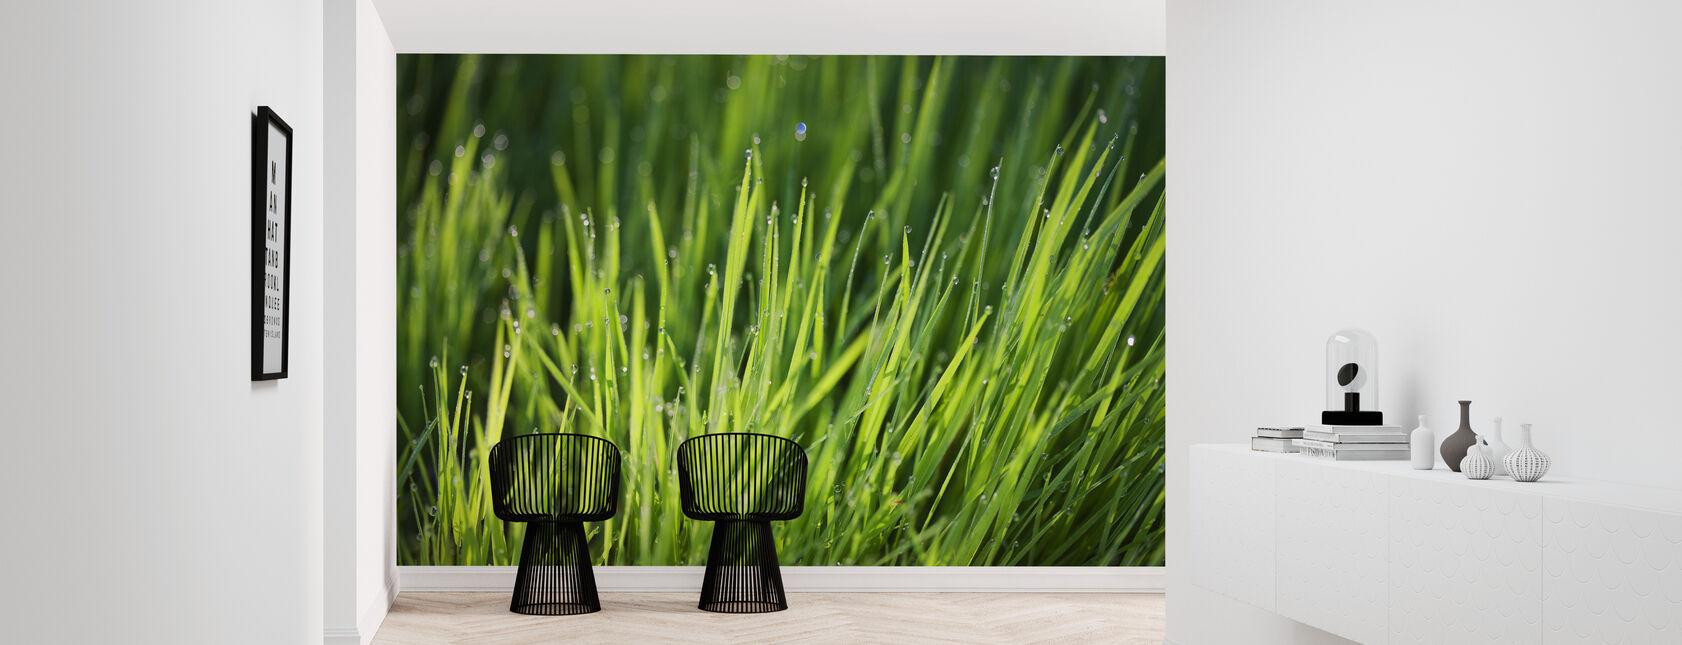 Kasteta ruoholla - Tapetti - Aula